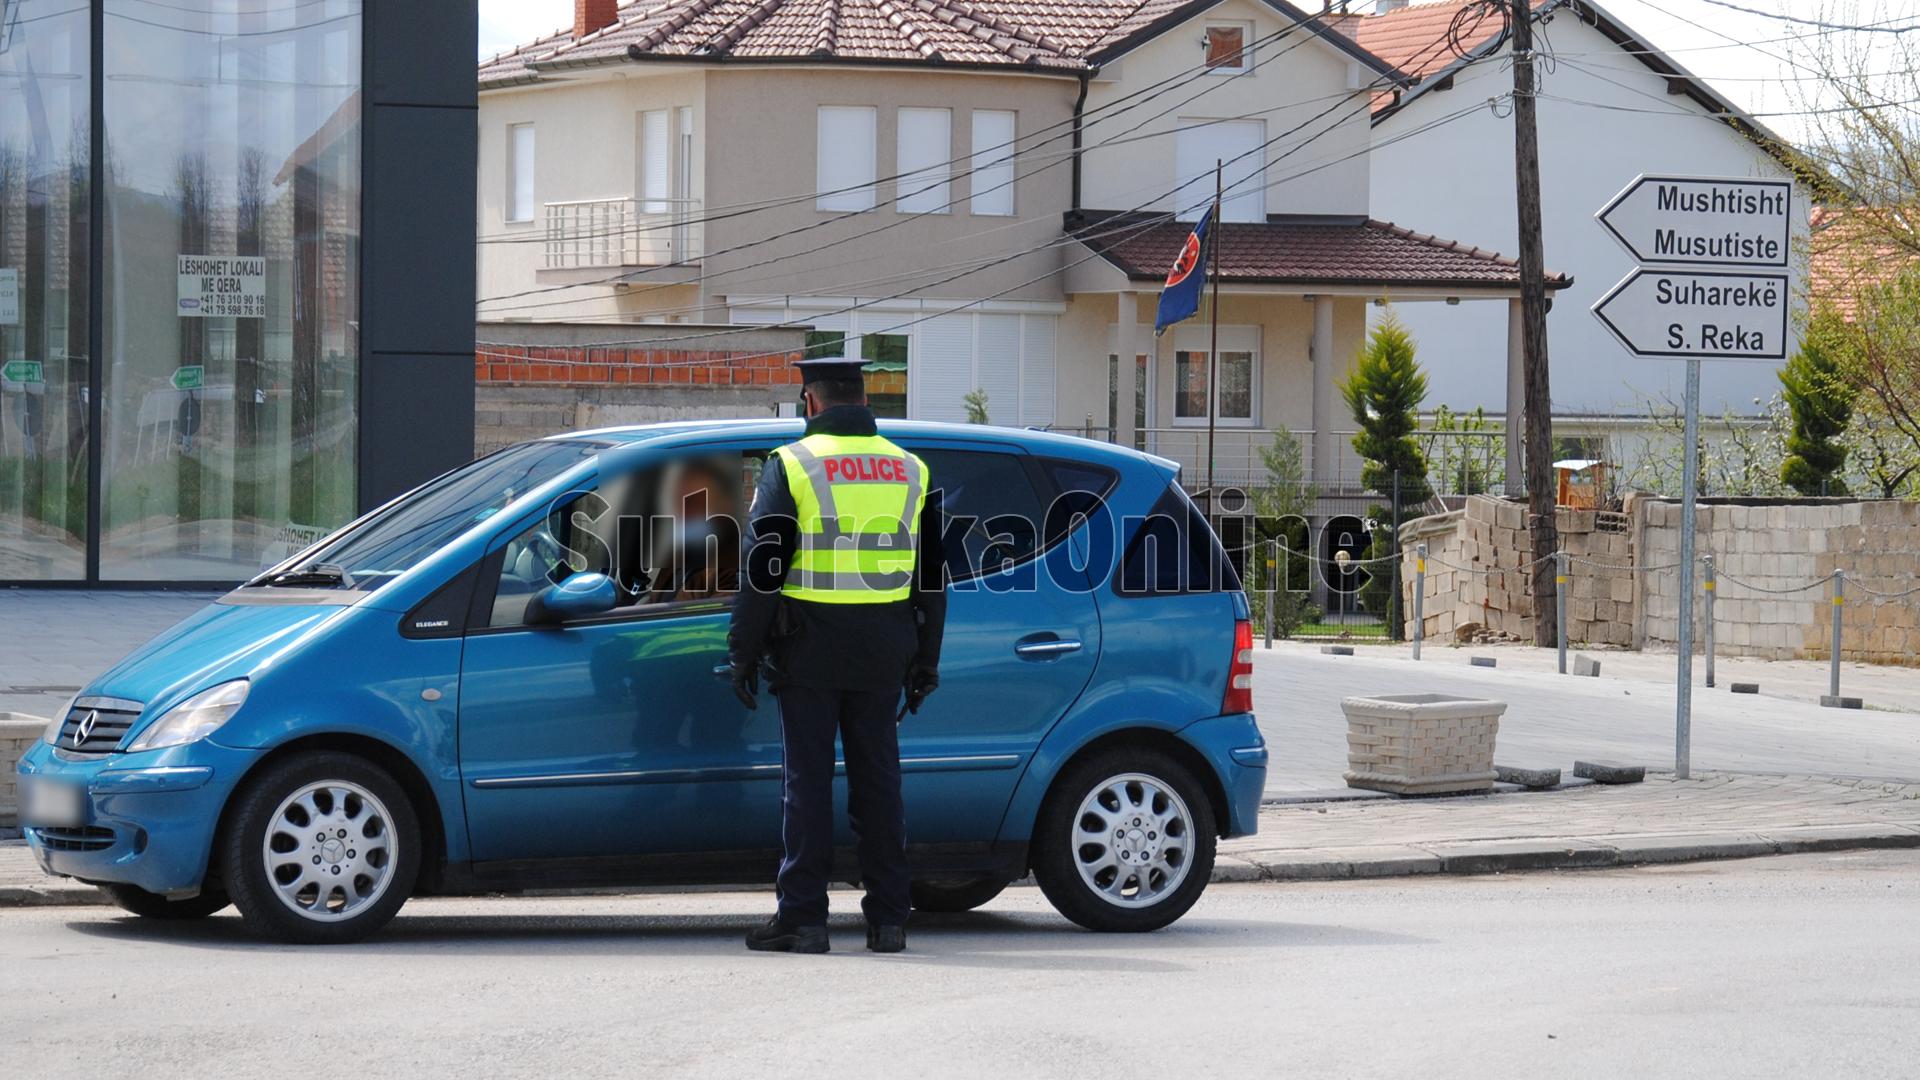 Brenda 24 ore – 37 aksidente, mbi 1,300 tiketa trafiku dhe 21 të arrestuar